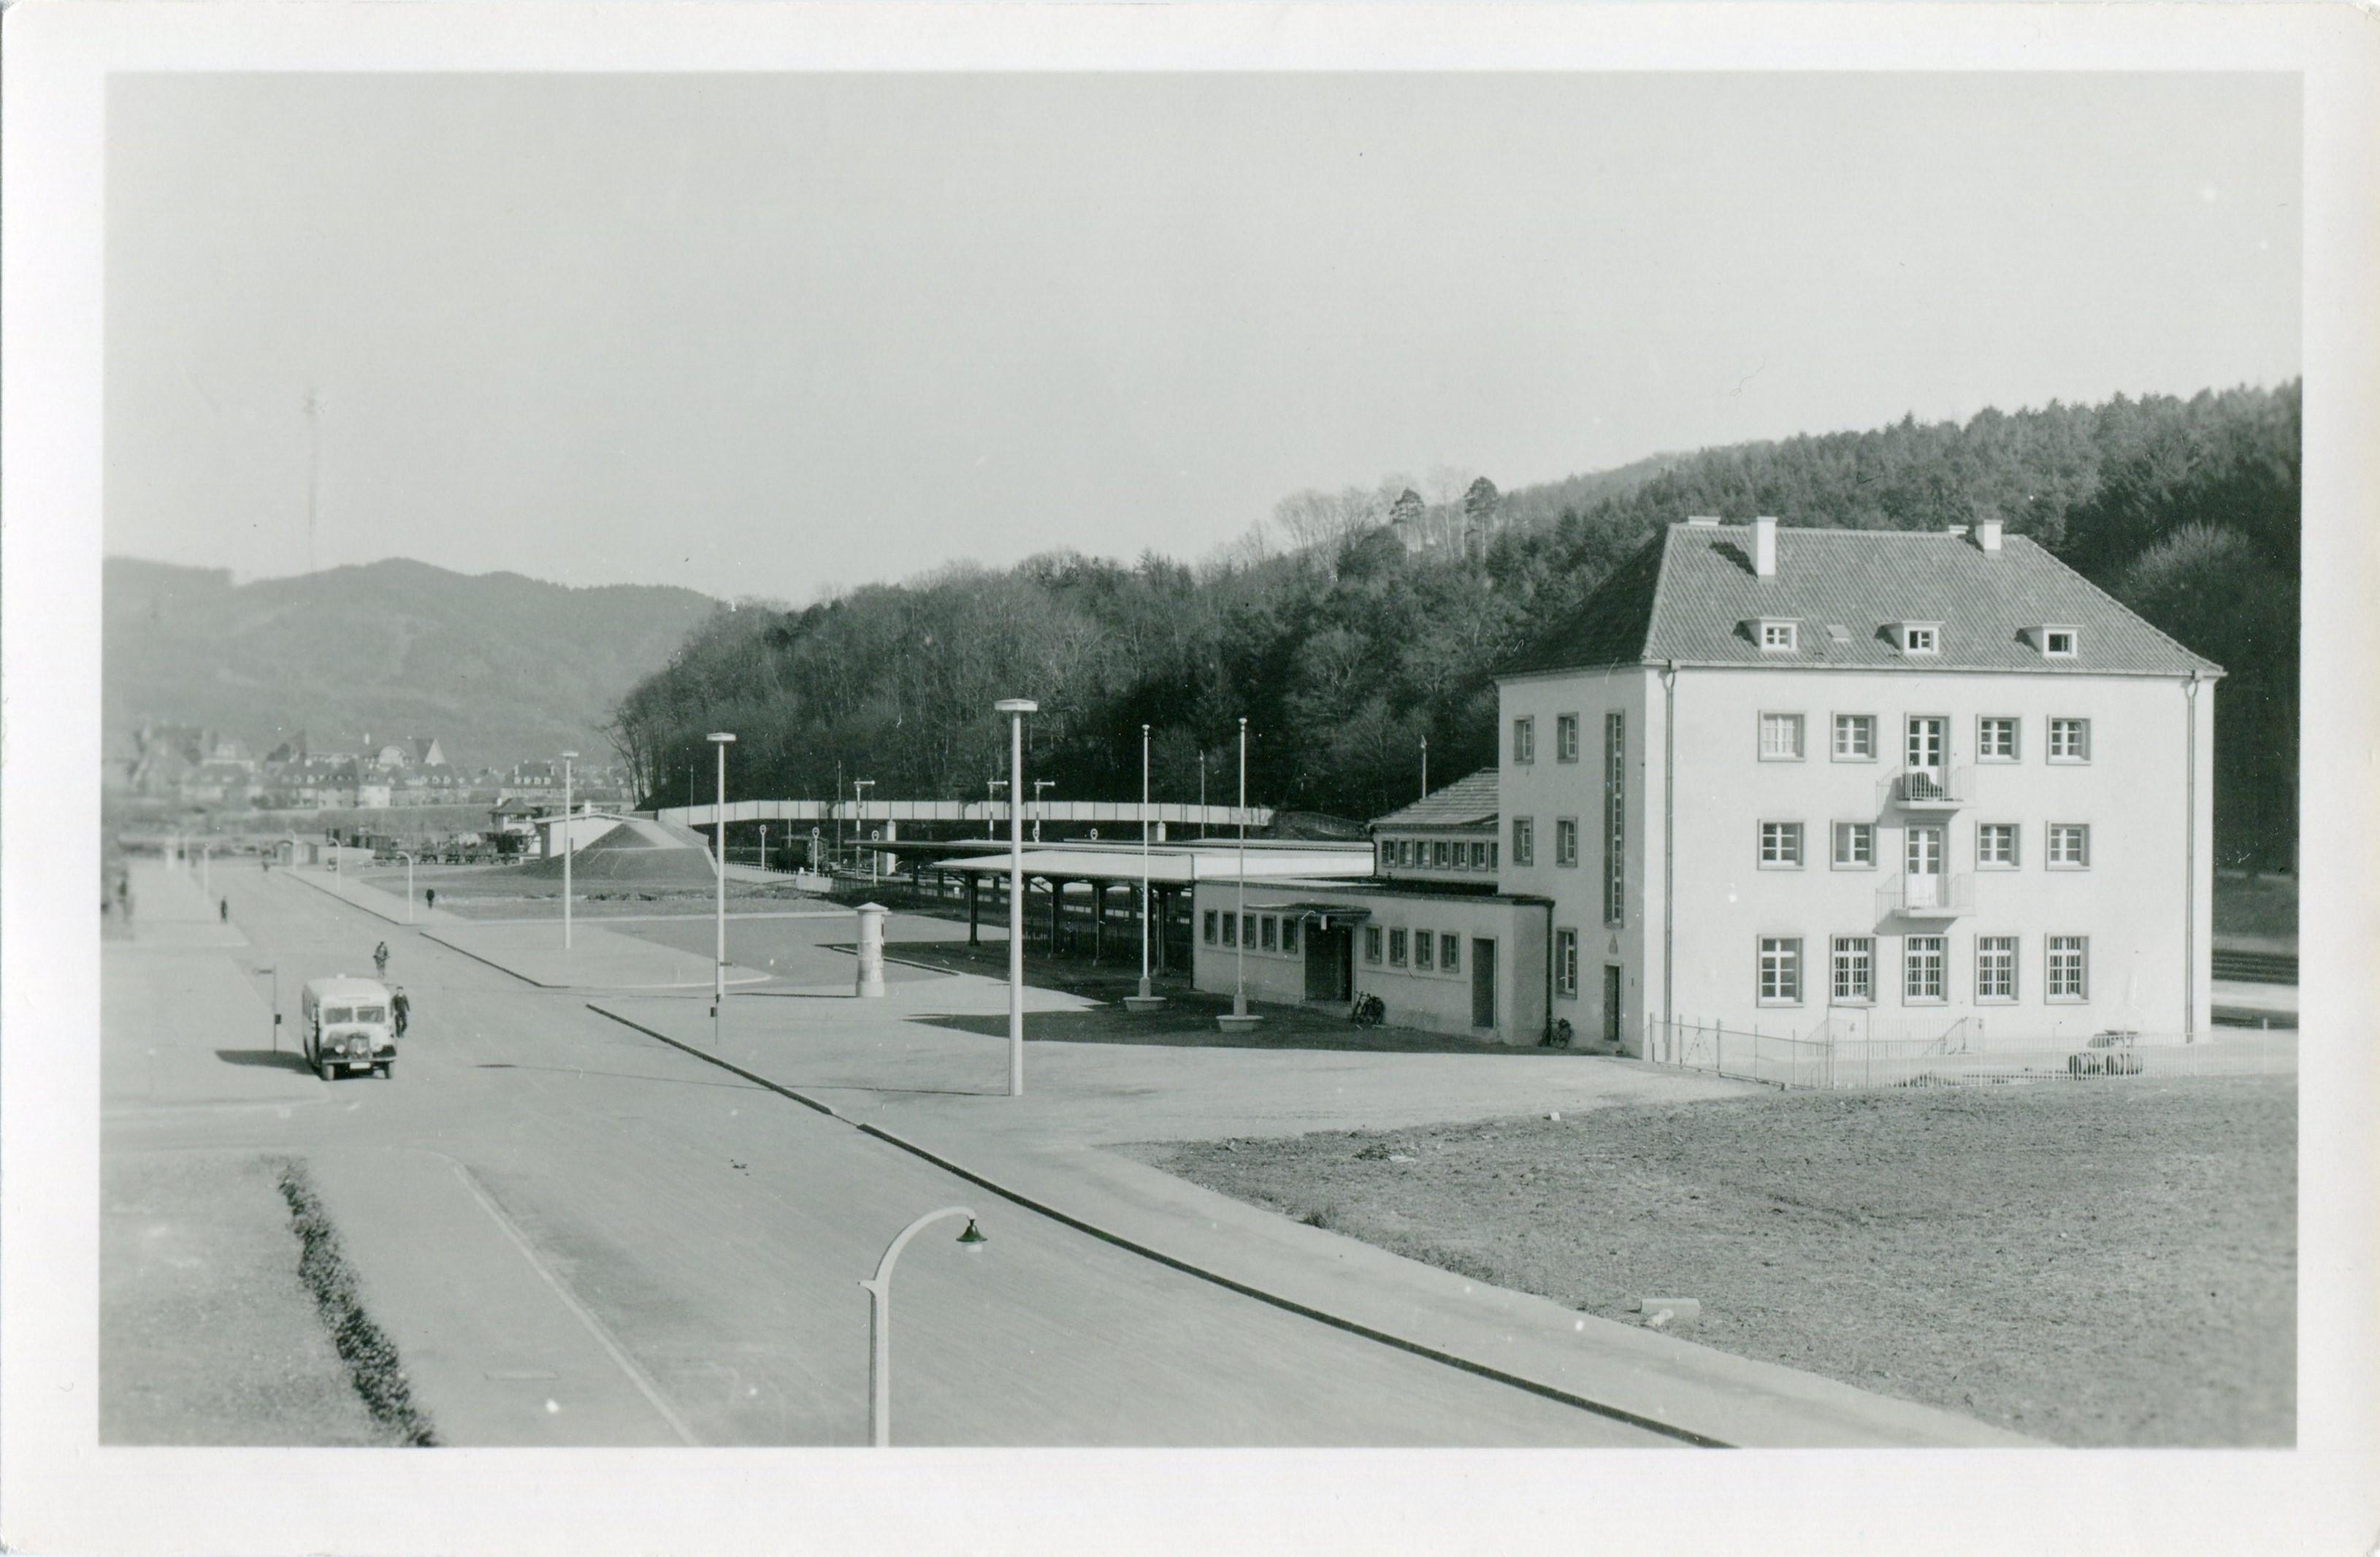 Bahnhof Freiburg-Wiehre